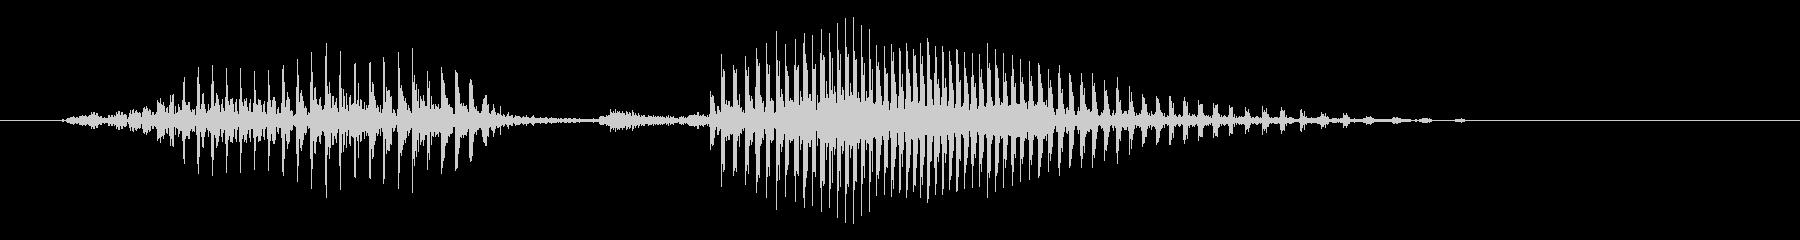 My turnの未再生の波形